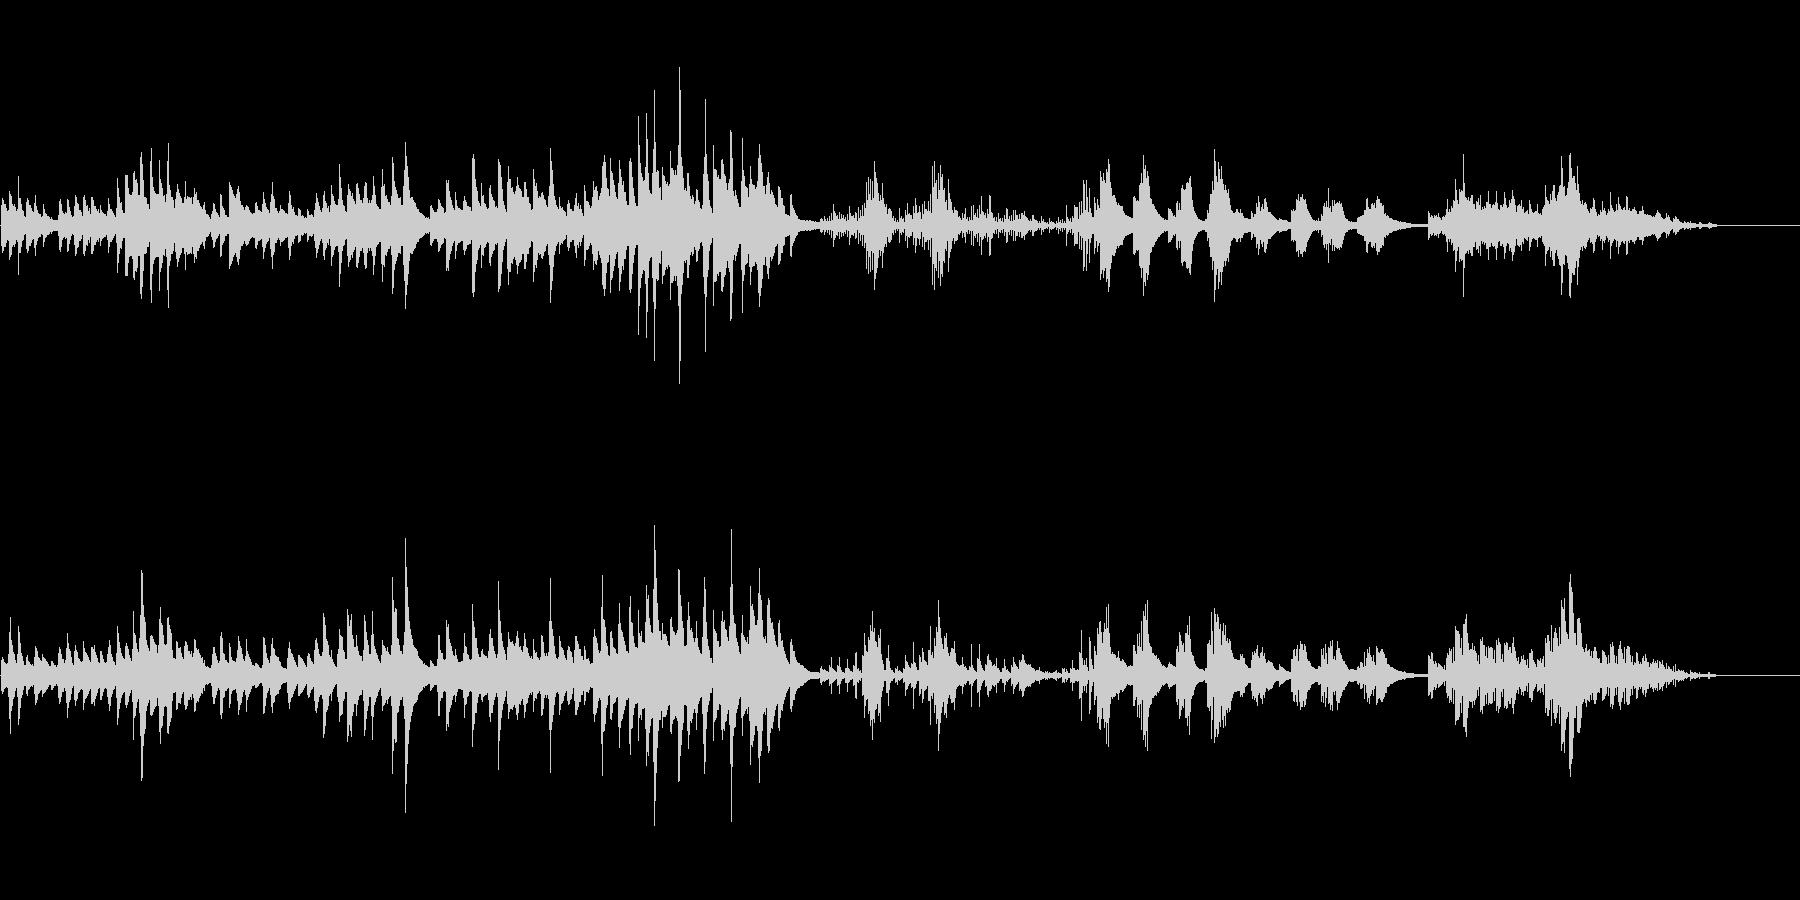 ミディアム・スローの美しいピアノ曲の未再生の波形